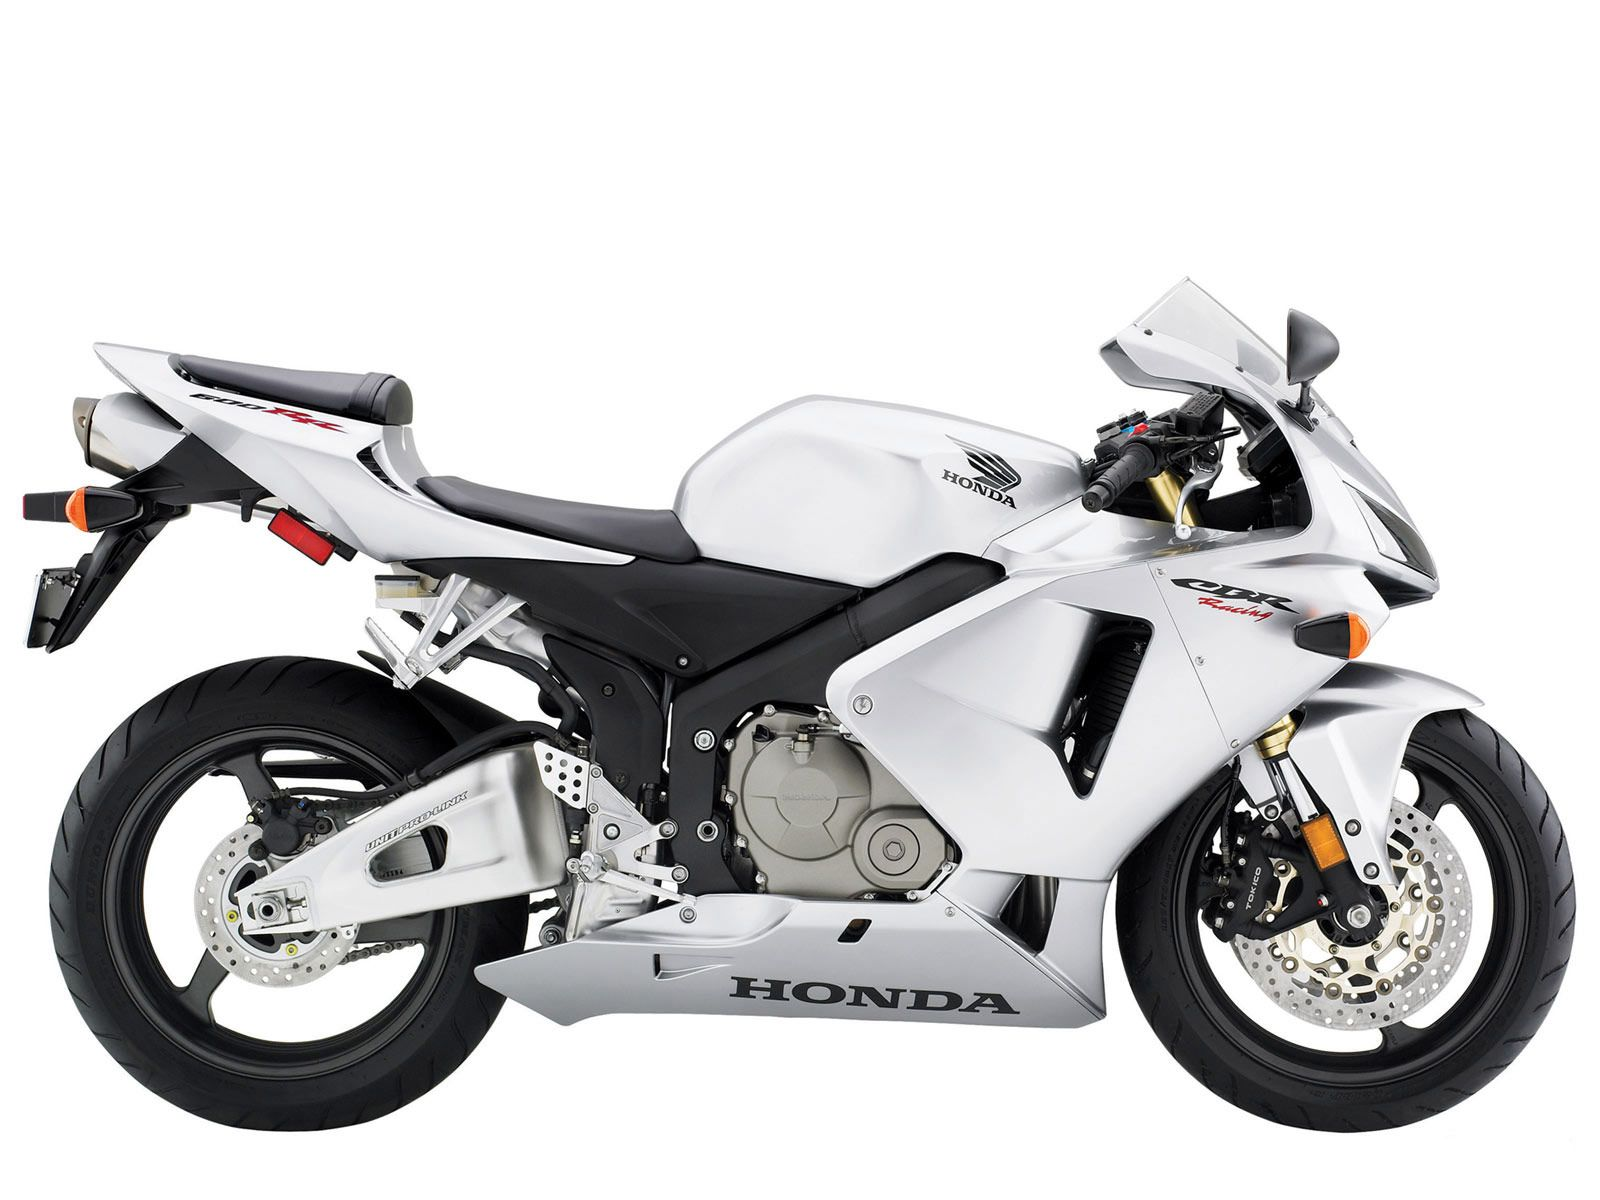 Nice honda cbr600rr limited edition honda cbr600rr